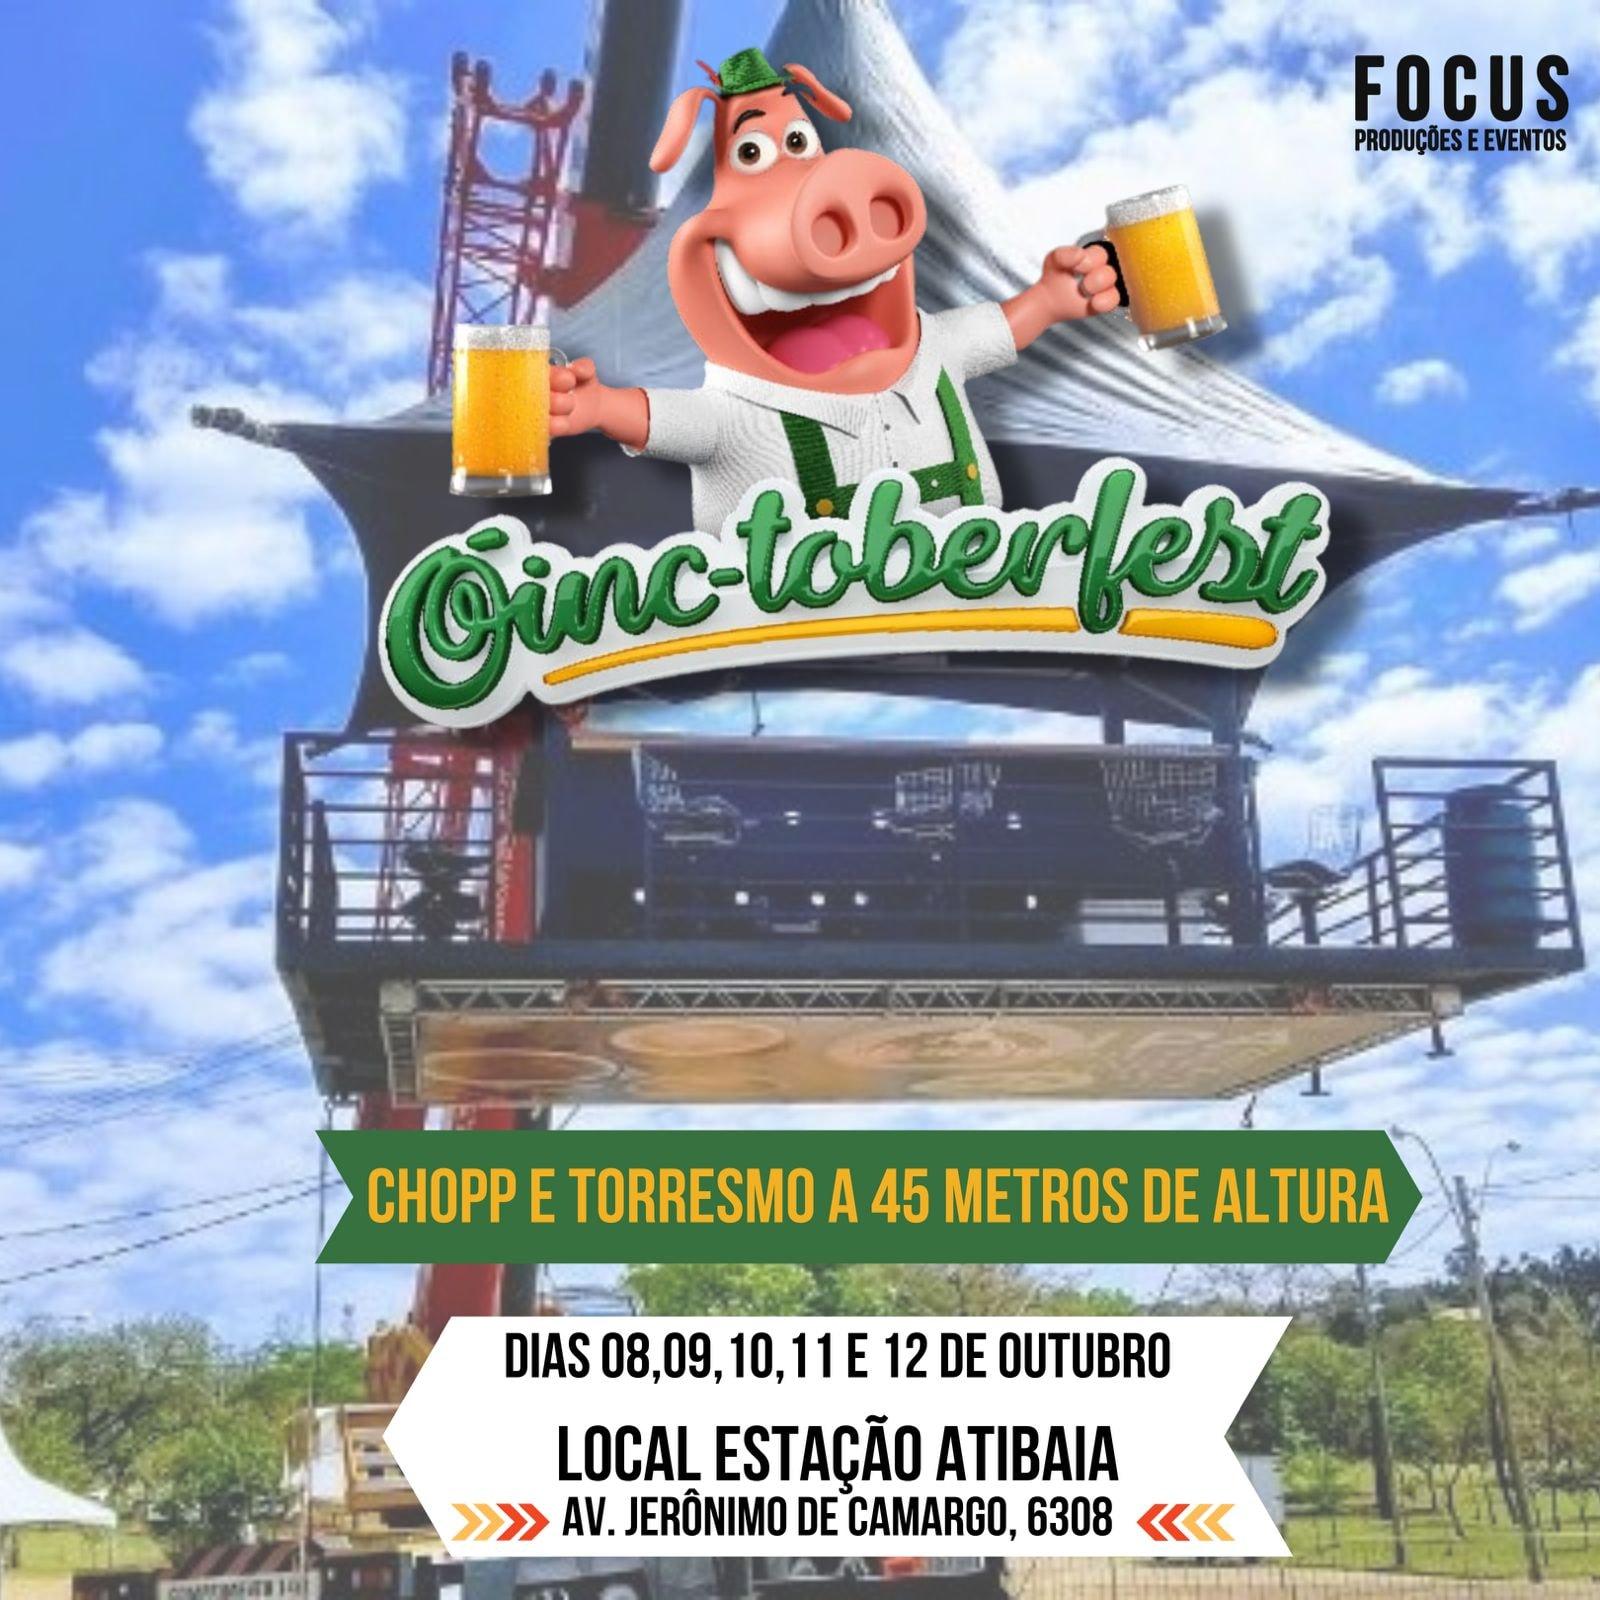 Atibaia recebe a primeira edição do Festival Oinc-toberfest